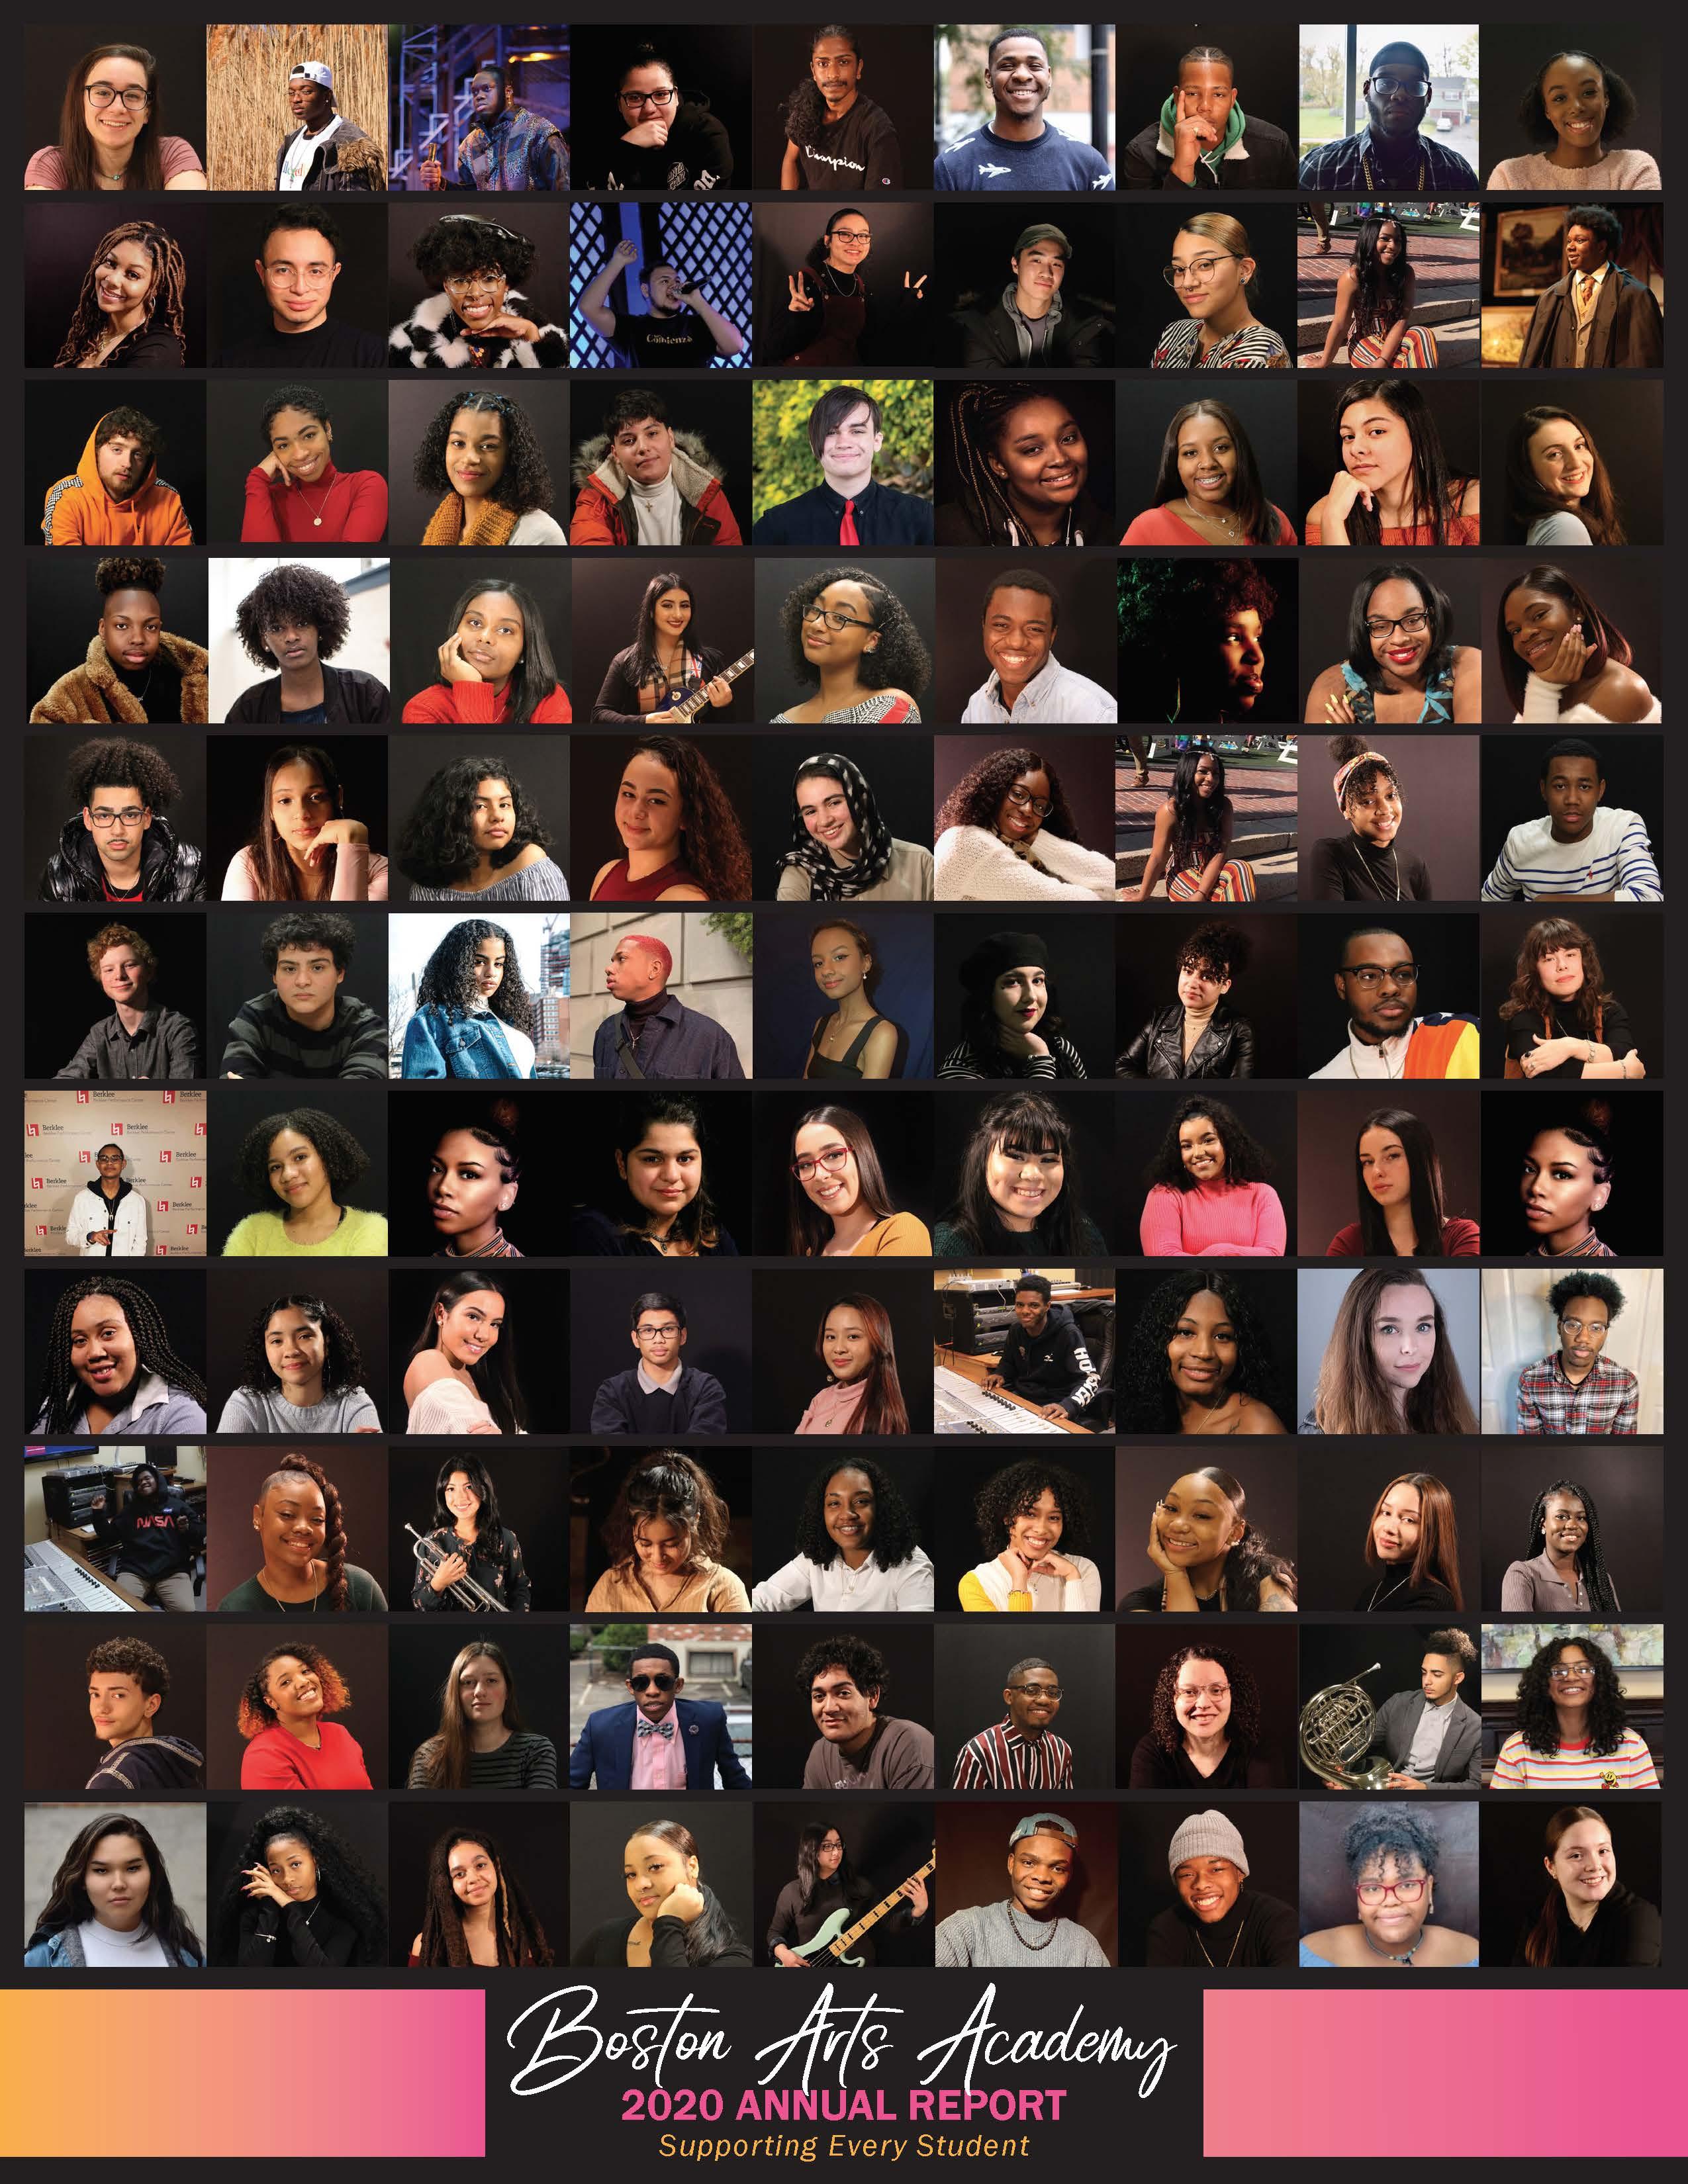 2020 Boston Arts Academy Annual Report